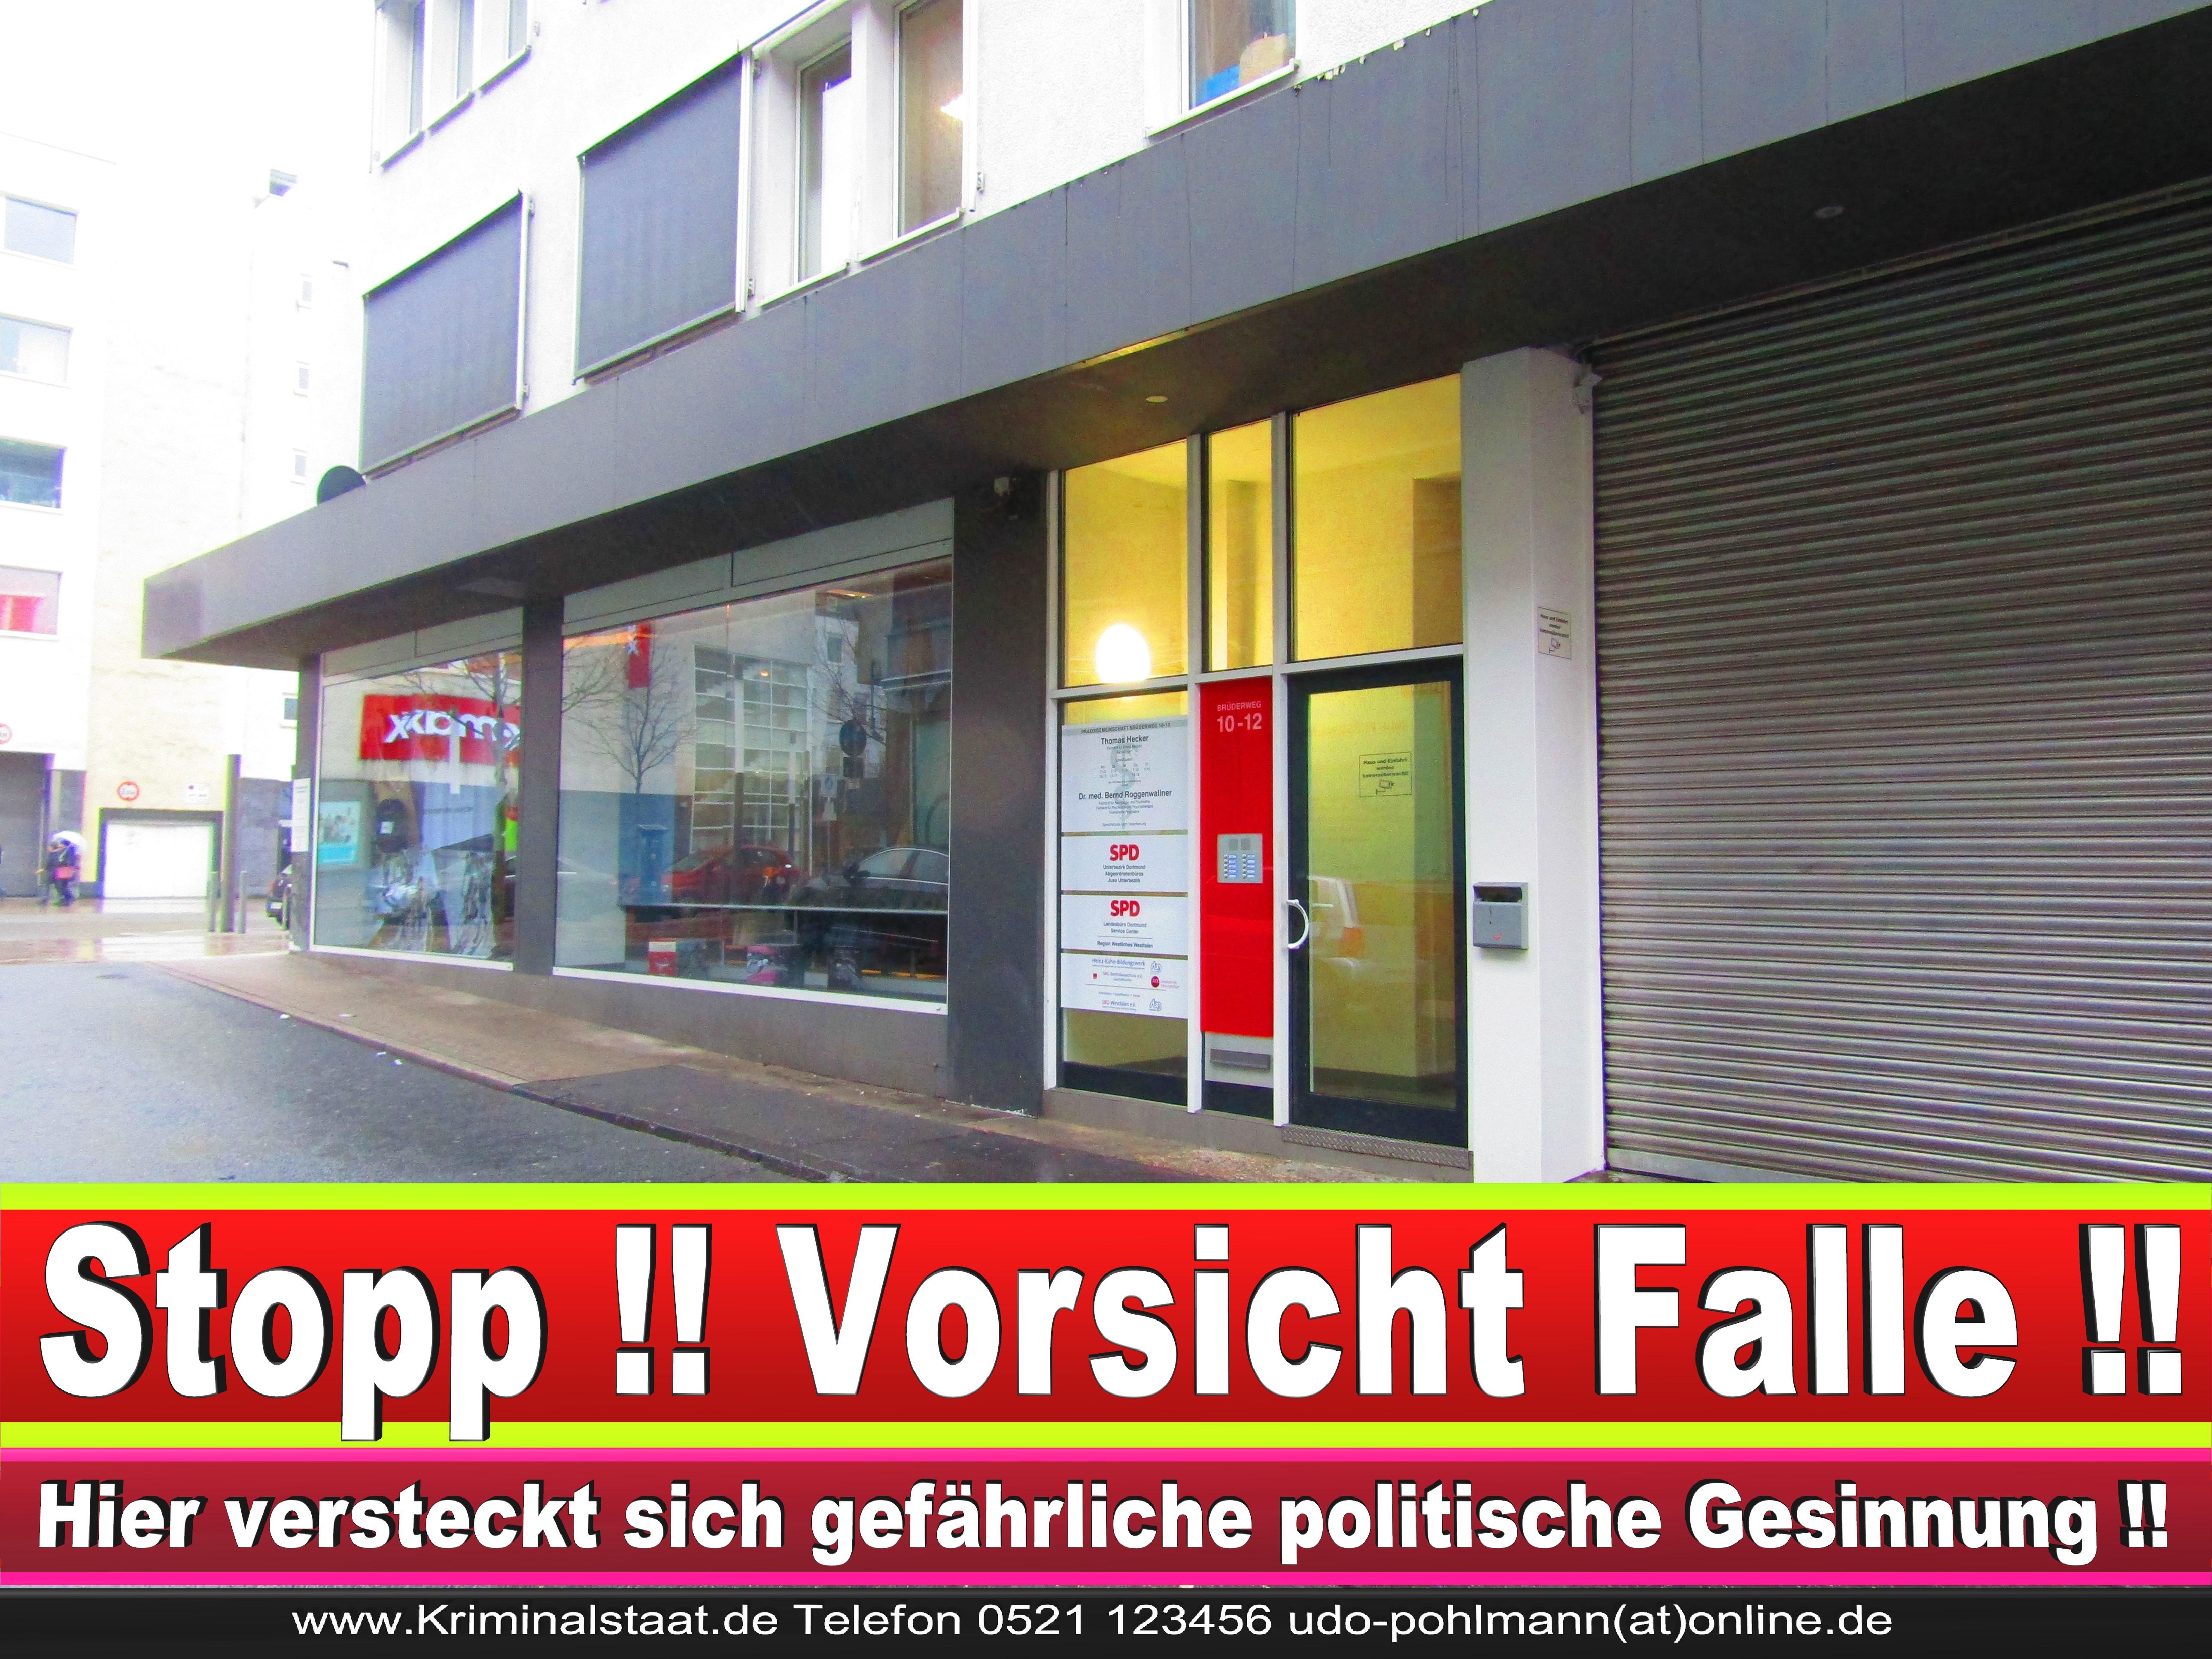 SPD DORTMUND UNTERBEZIRK BüRGERBüRO SPD ORTSVERBAND RAT STADT RATSMITGLIEDER SPD FRAKTION SPD NRW ADRESSE (10) 1